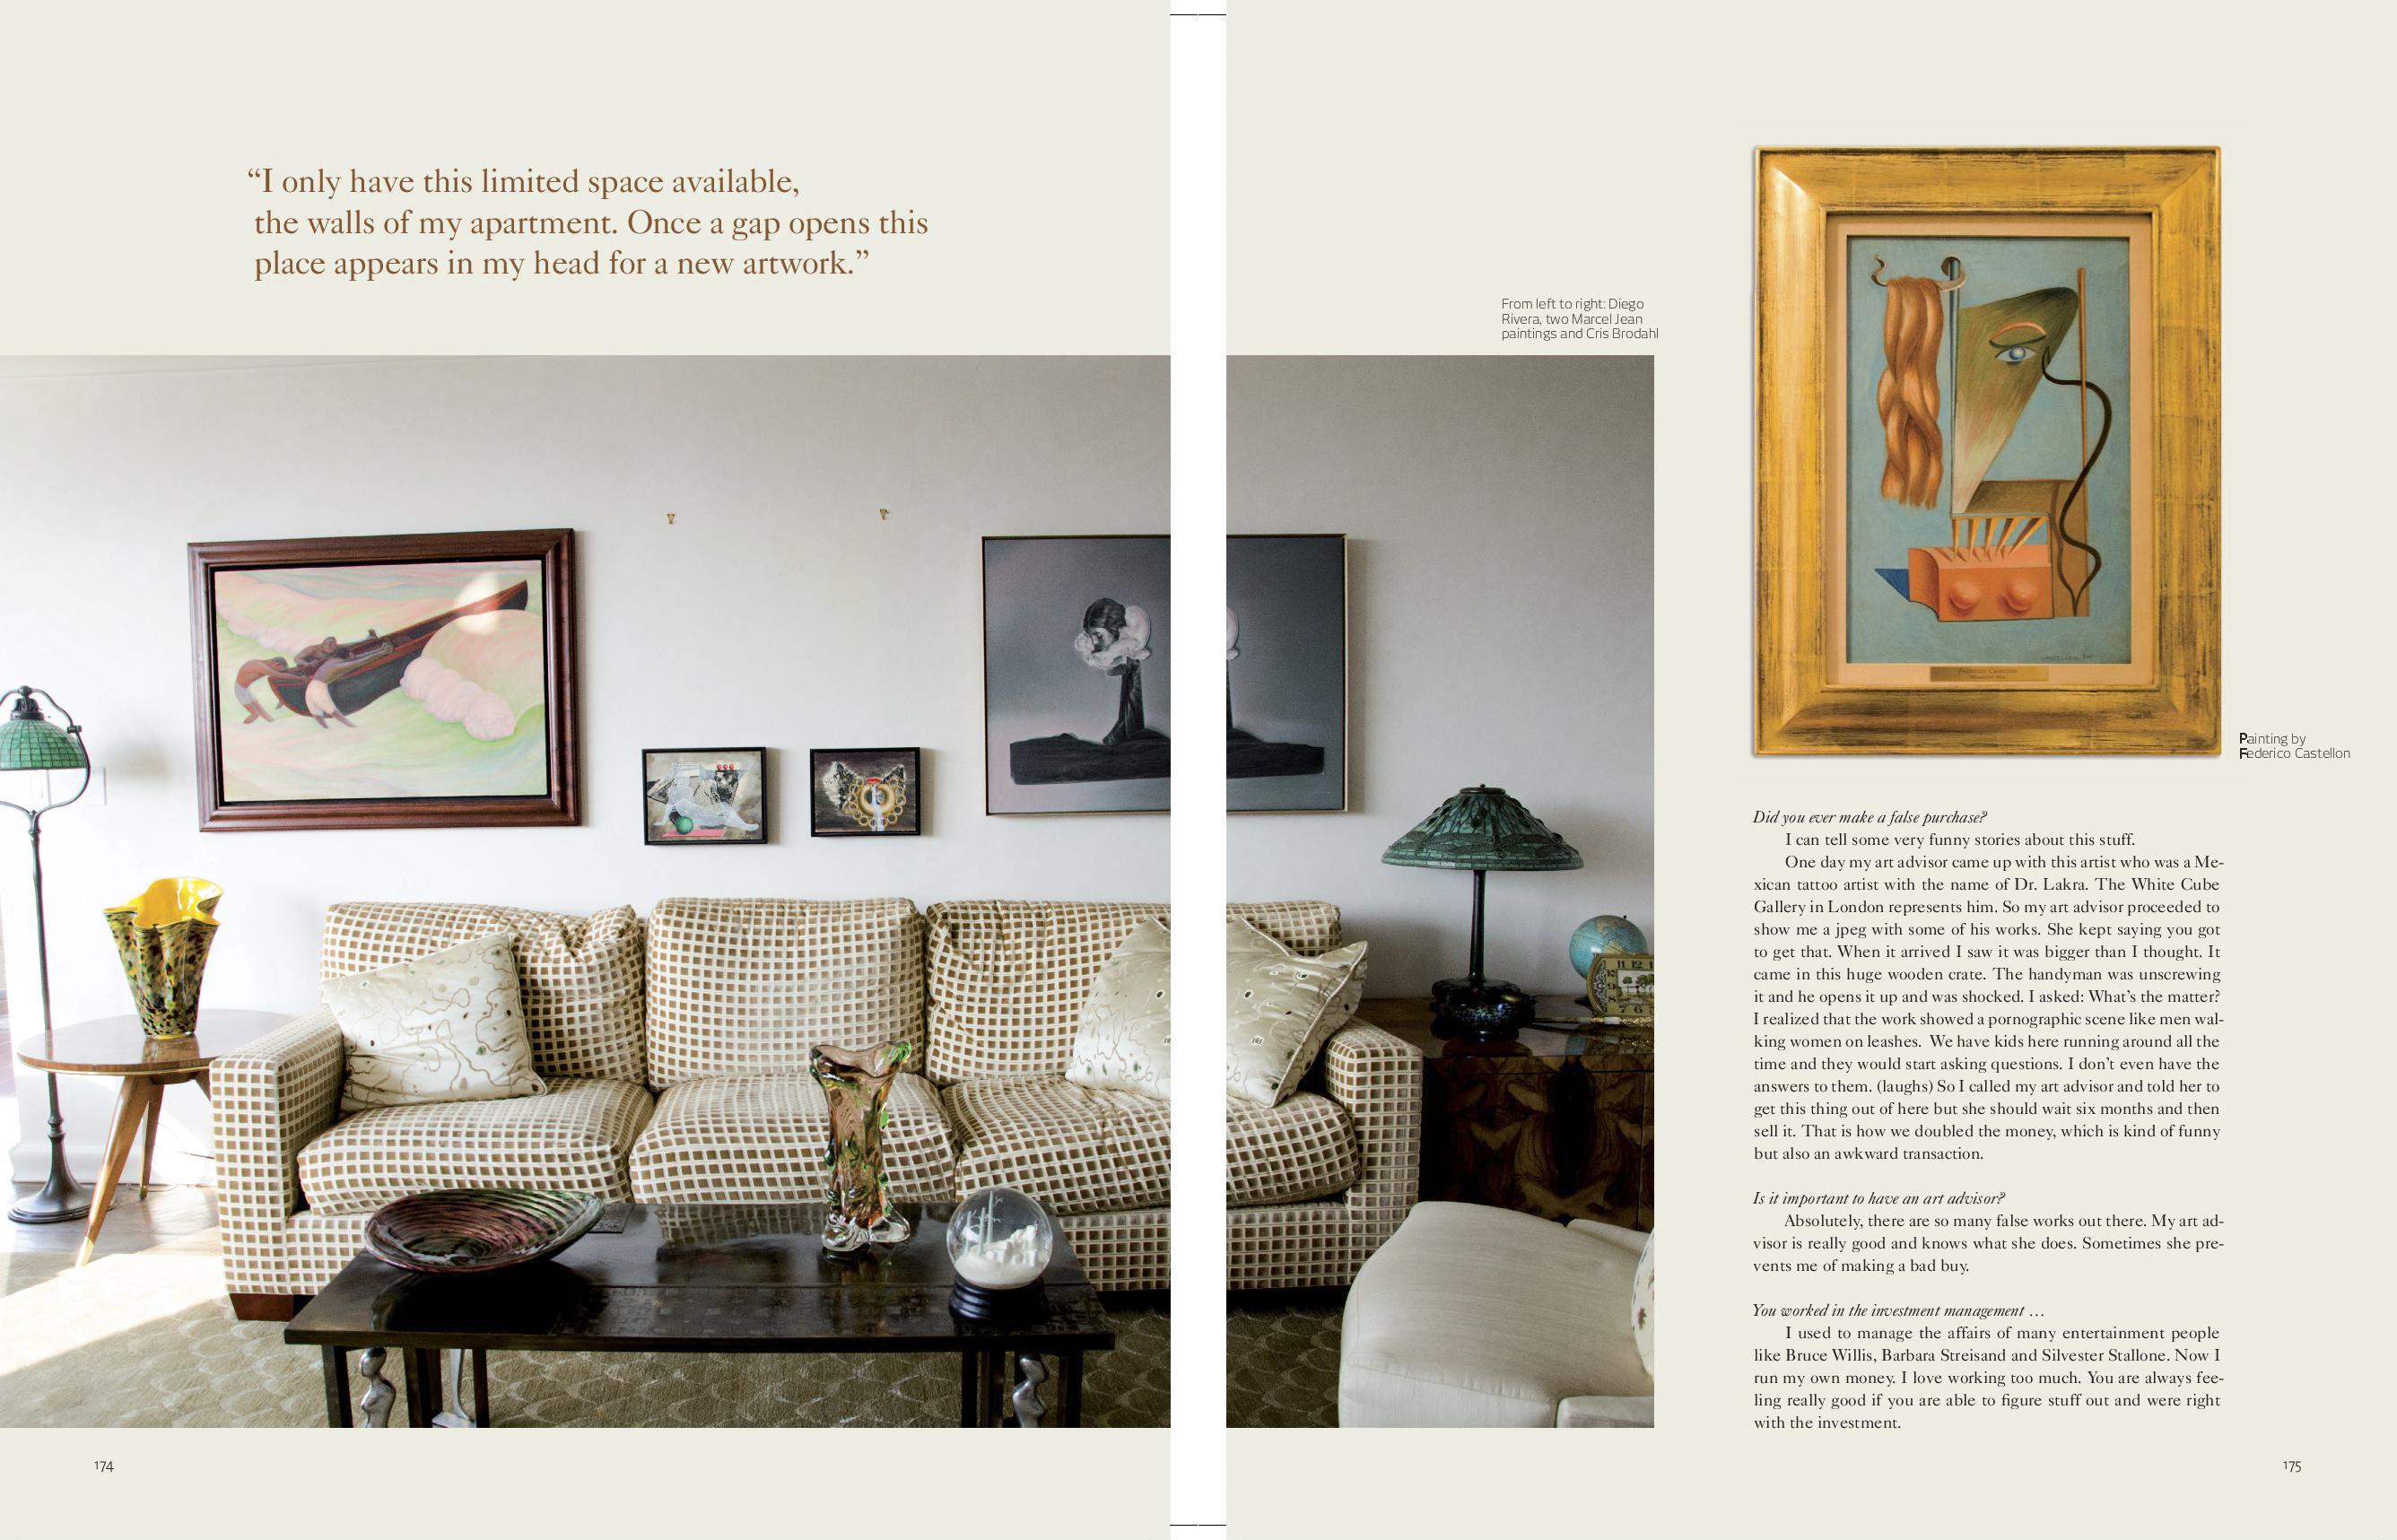 Joe+Zicherman+page-5-6+2+copy